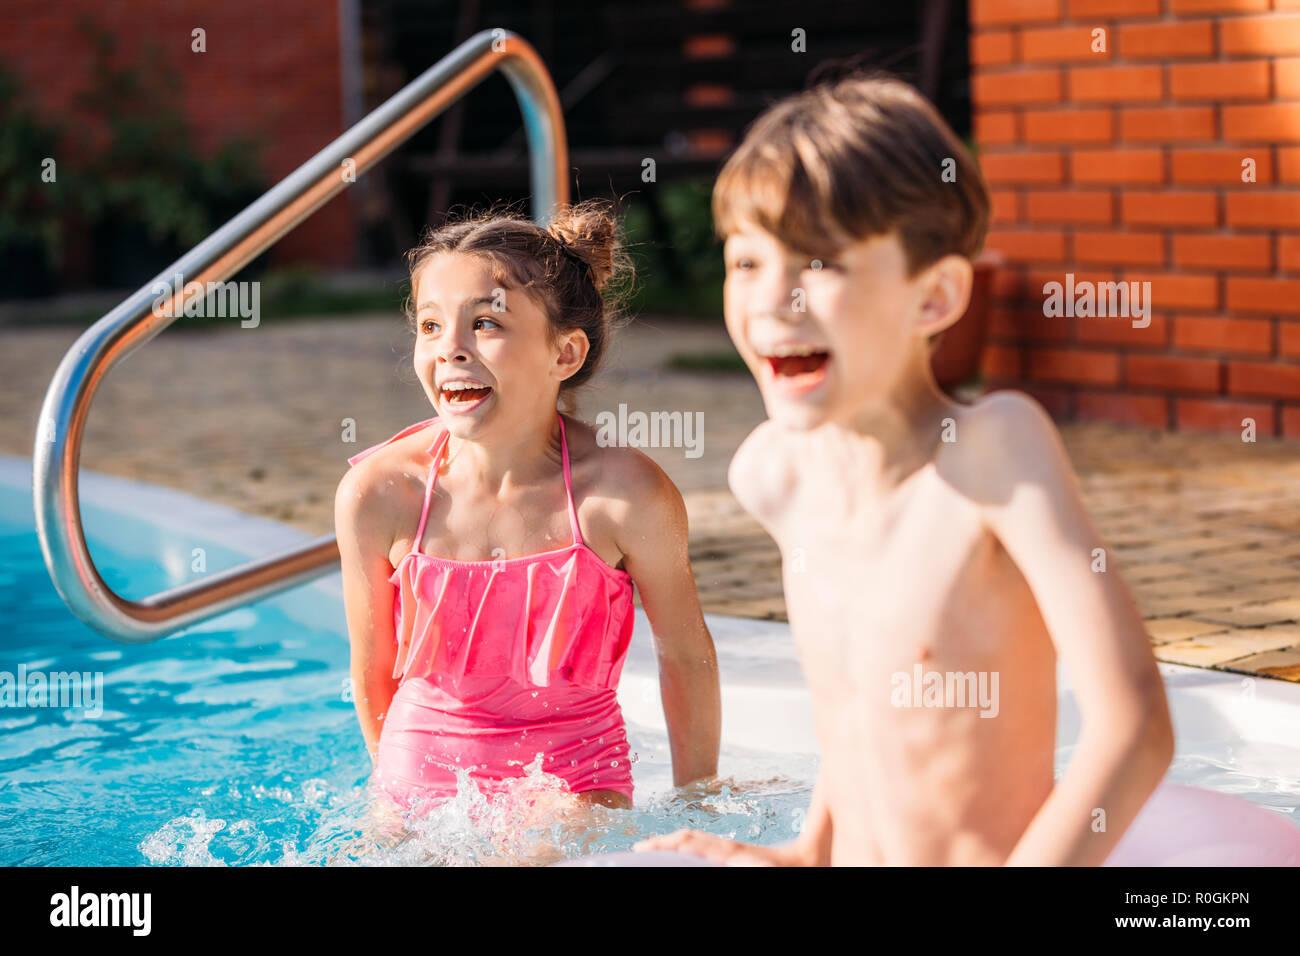 Emotionale kleinen Geschwister Schwimmen im Schwimmbad gemeinsam auf Sommer Tag Stockbild